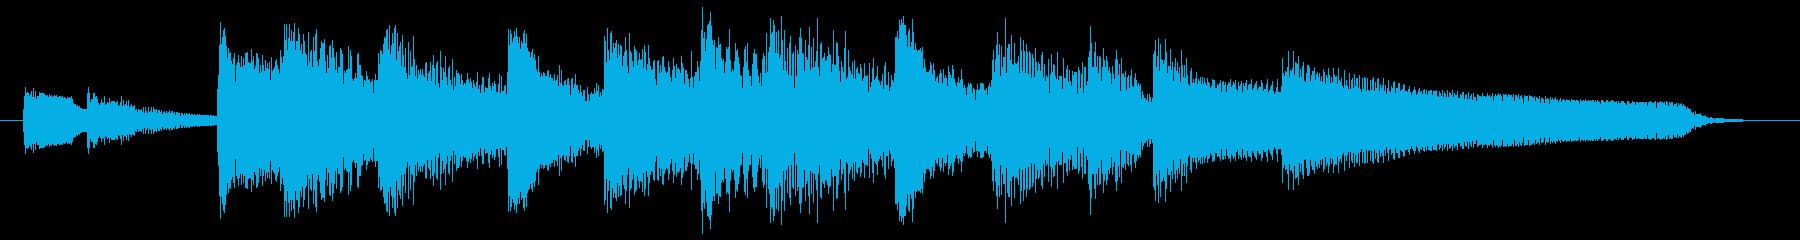 エレピとガットのふんわりカフェ風ジングルの再生済みの波形